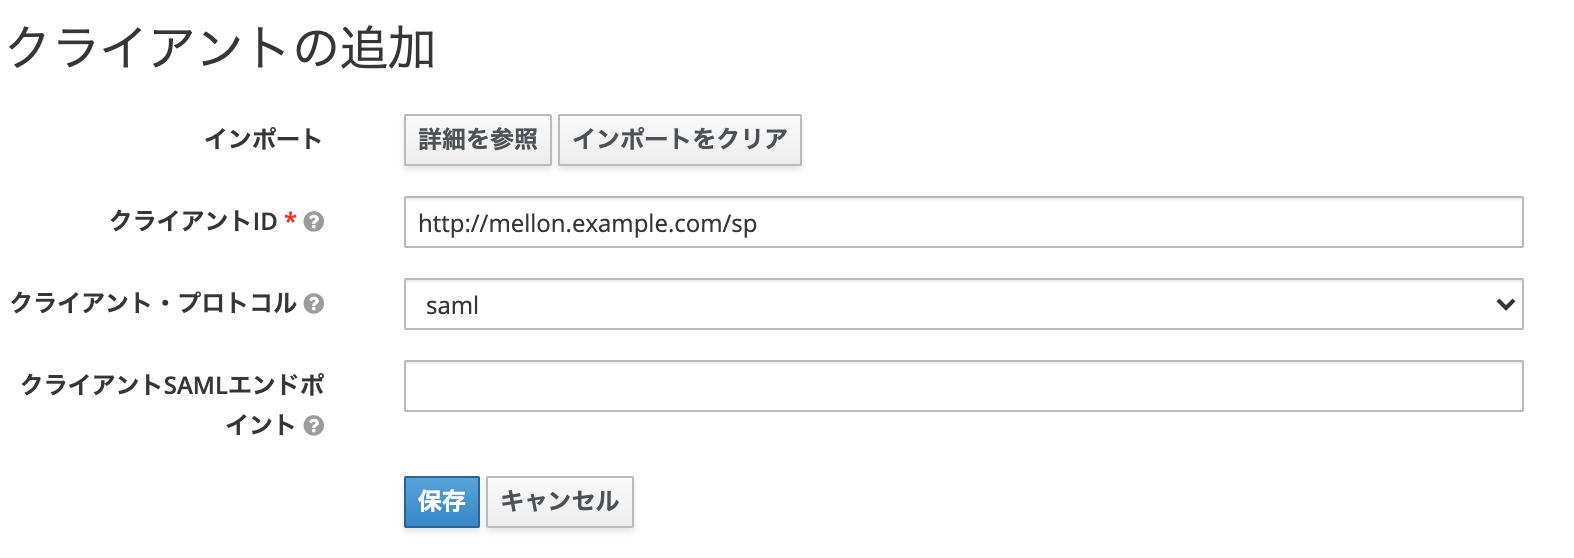 メタデータインポート